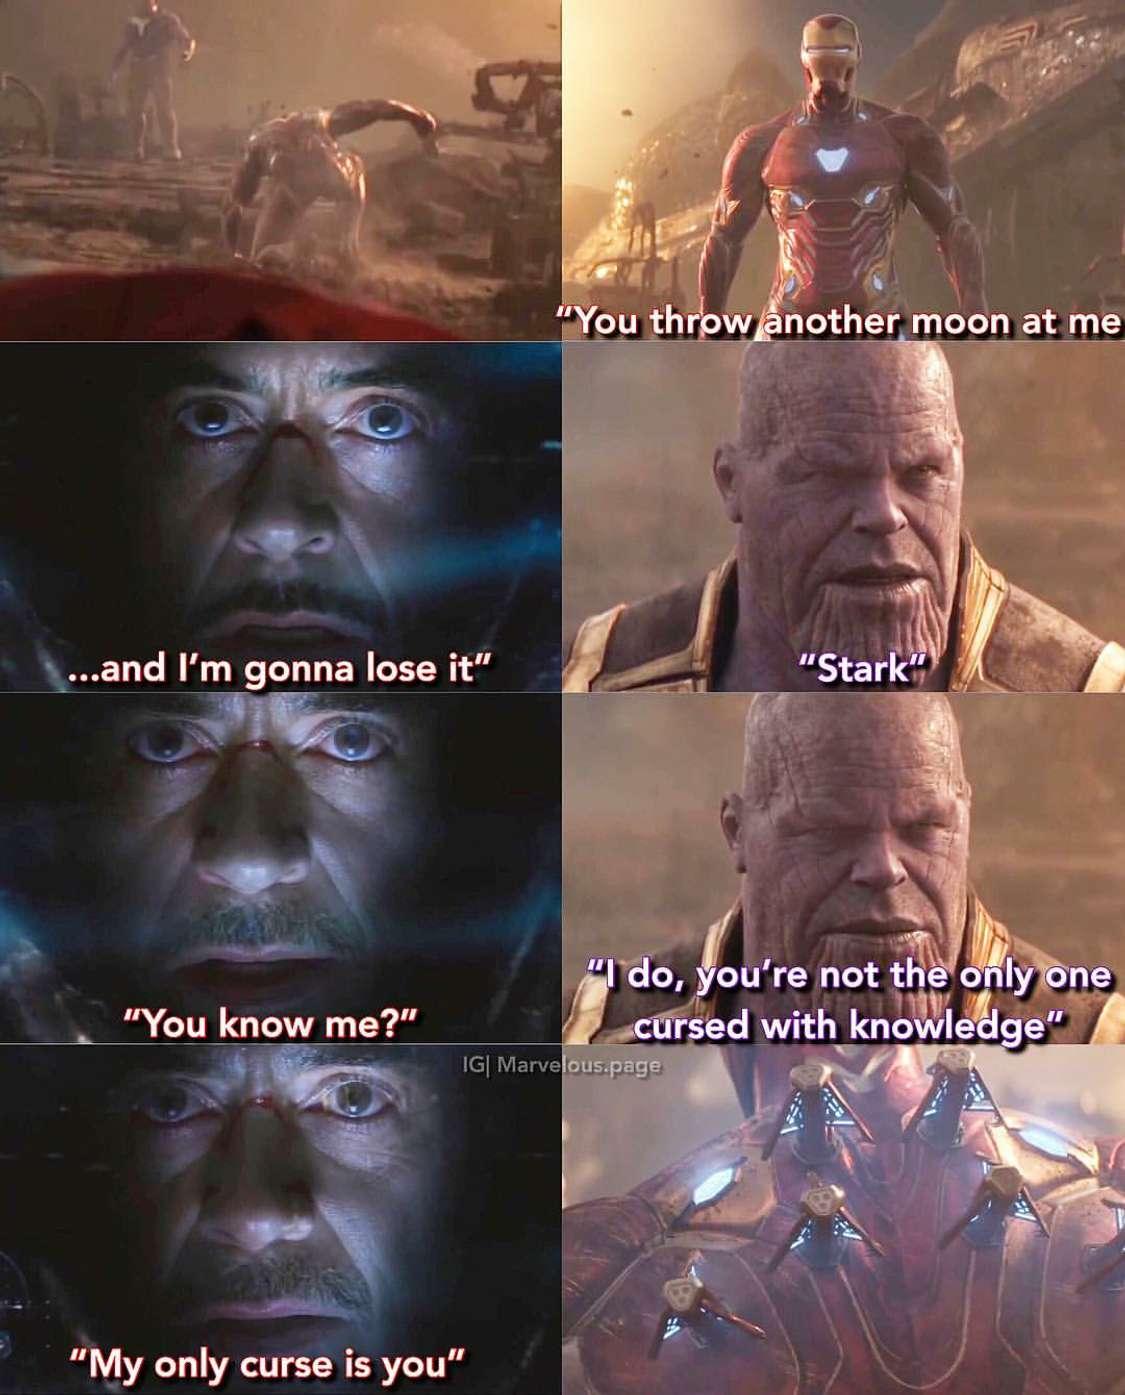 Iron-Man being Iron-Man